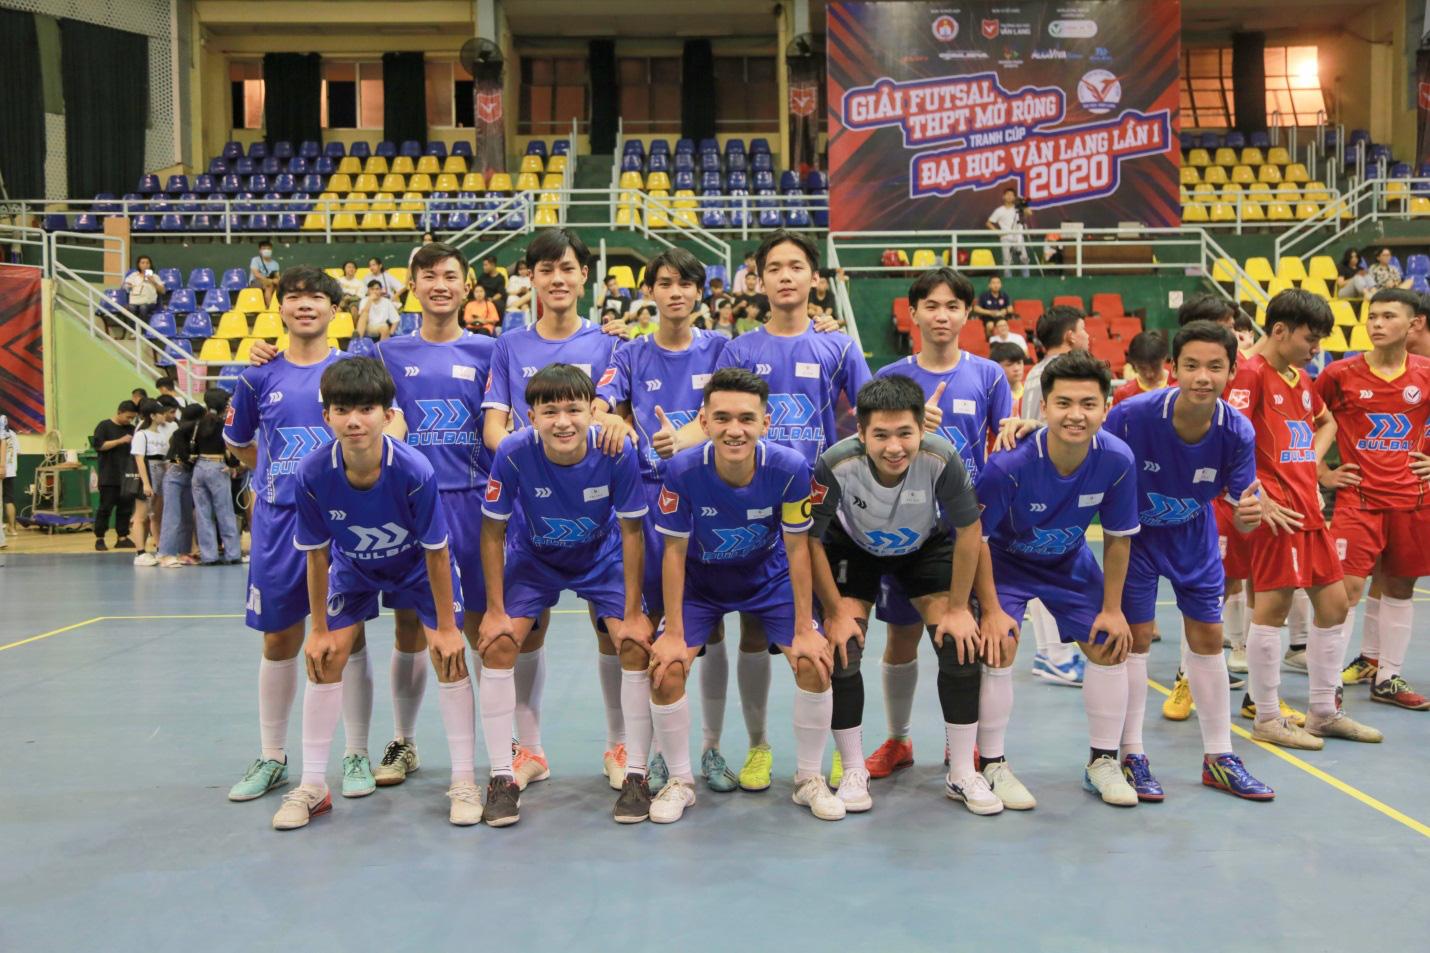 THPT Thanh Đa vô địch Giải Futsal học sinh THPT mở rộng tranh cúp ĐH Văn Lang năm 2020 - Ảnh 6.